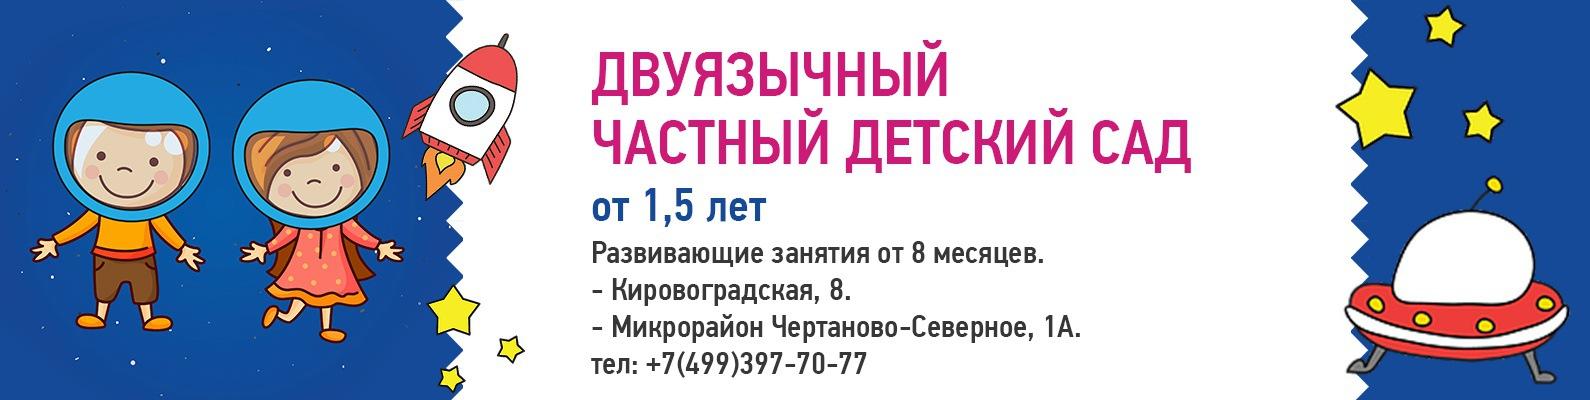 Медицинская книжка в Москве Метрогородок в м чертановская